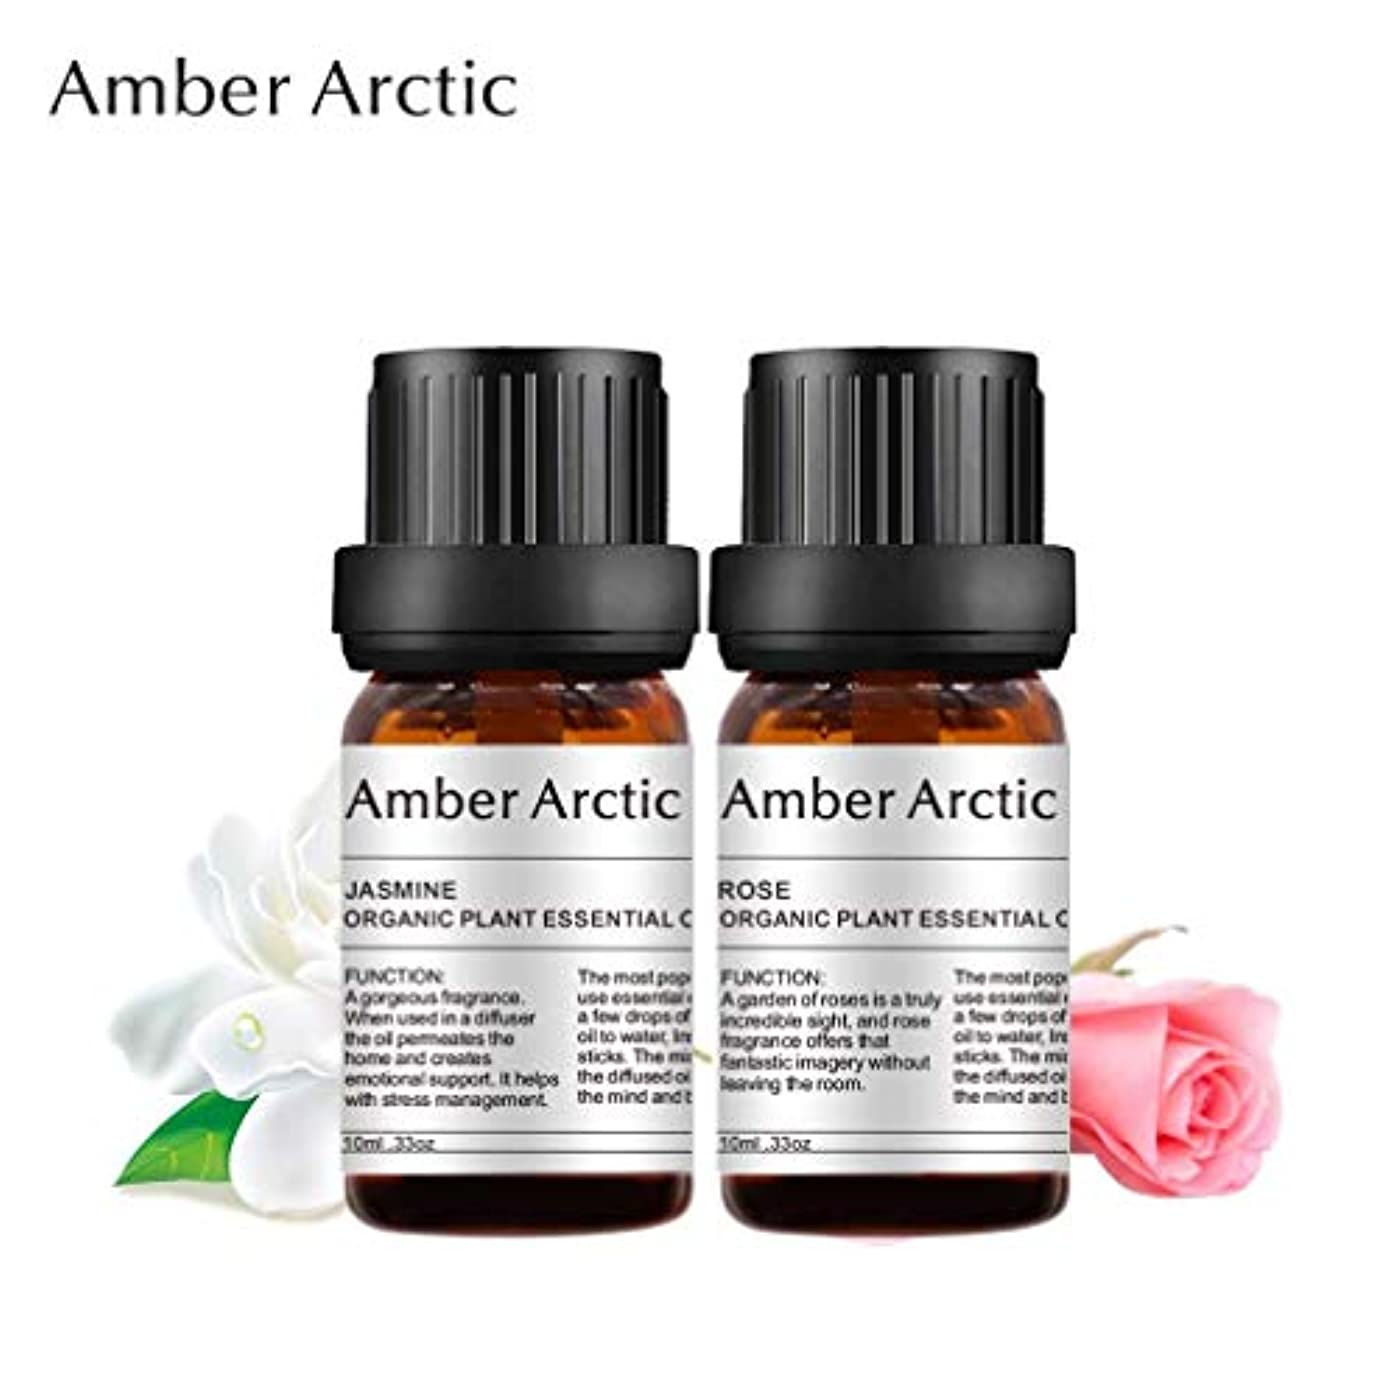 きょうだい居眠りする真空Amber Arctic ディフューザ 2×10 ミリリットル 用 ジャスミン 精油 セット、 100% 純粋 天然 アロマ エッセンシャル オイル バラ